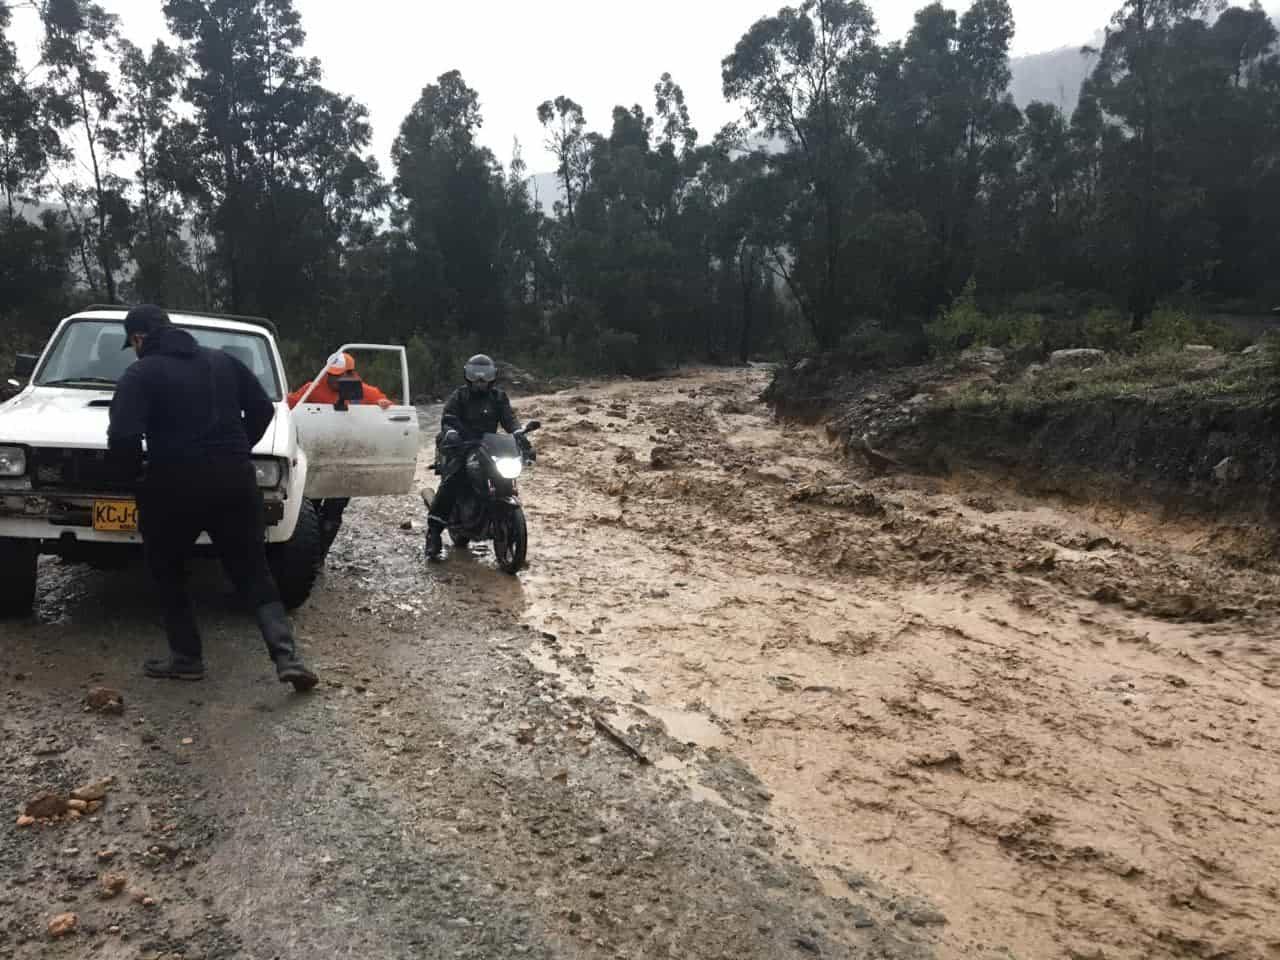 'Más de la mitad de Boyacá está en alerta por temporada invernal y esto apenas está empezando': Director de Prevención del Riesgo #LaEntrevista #LoDijoEn7días 4